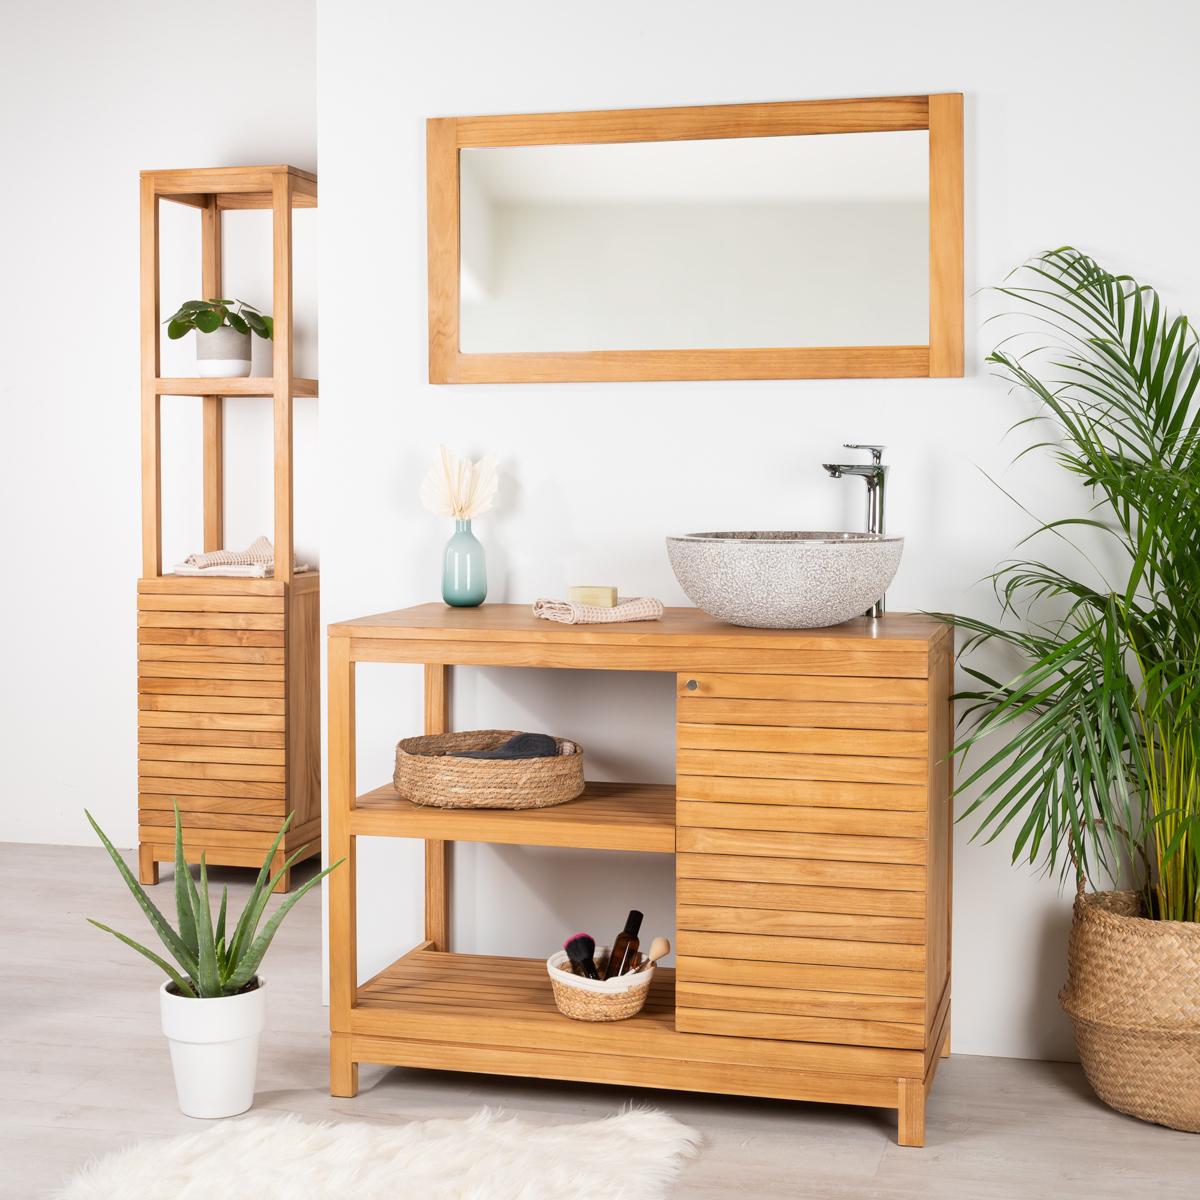 Meuble contemporain en bois massif : moderne   wanda collection